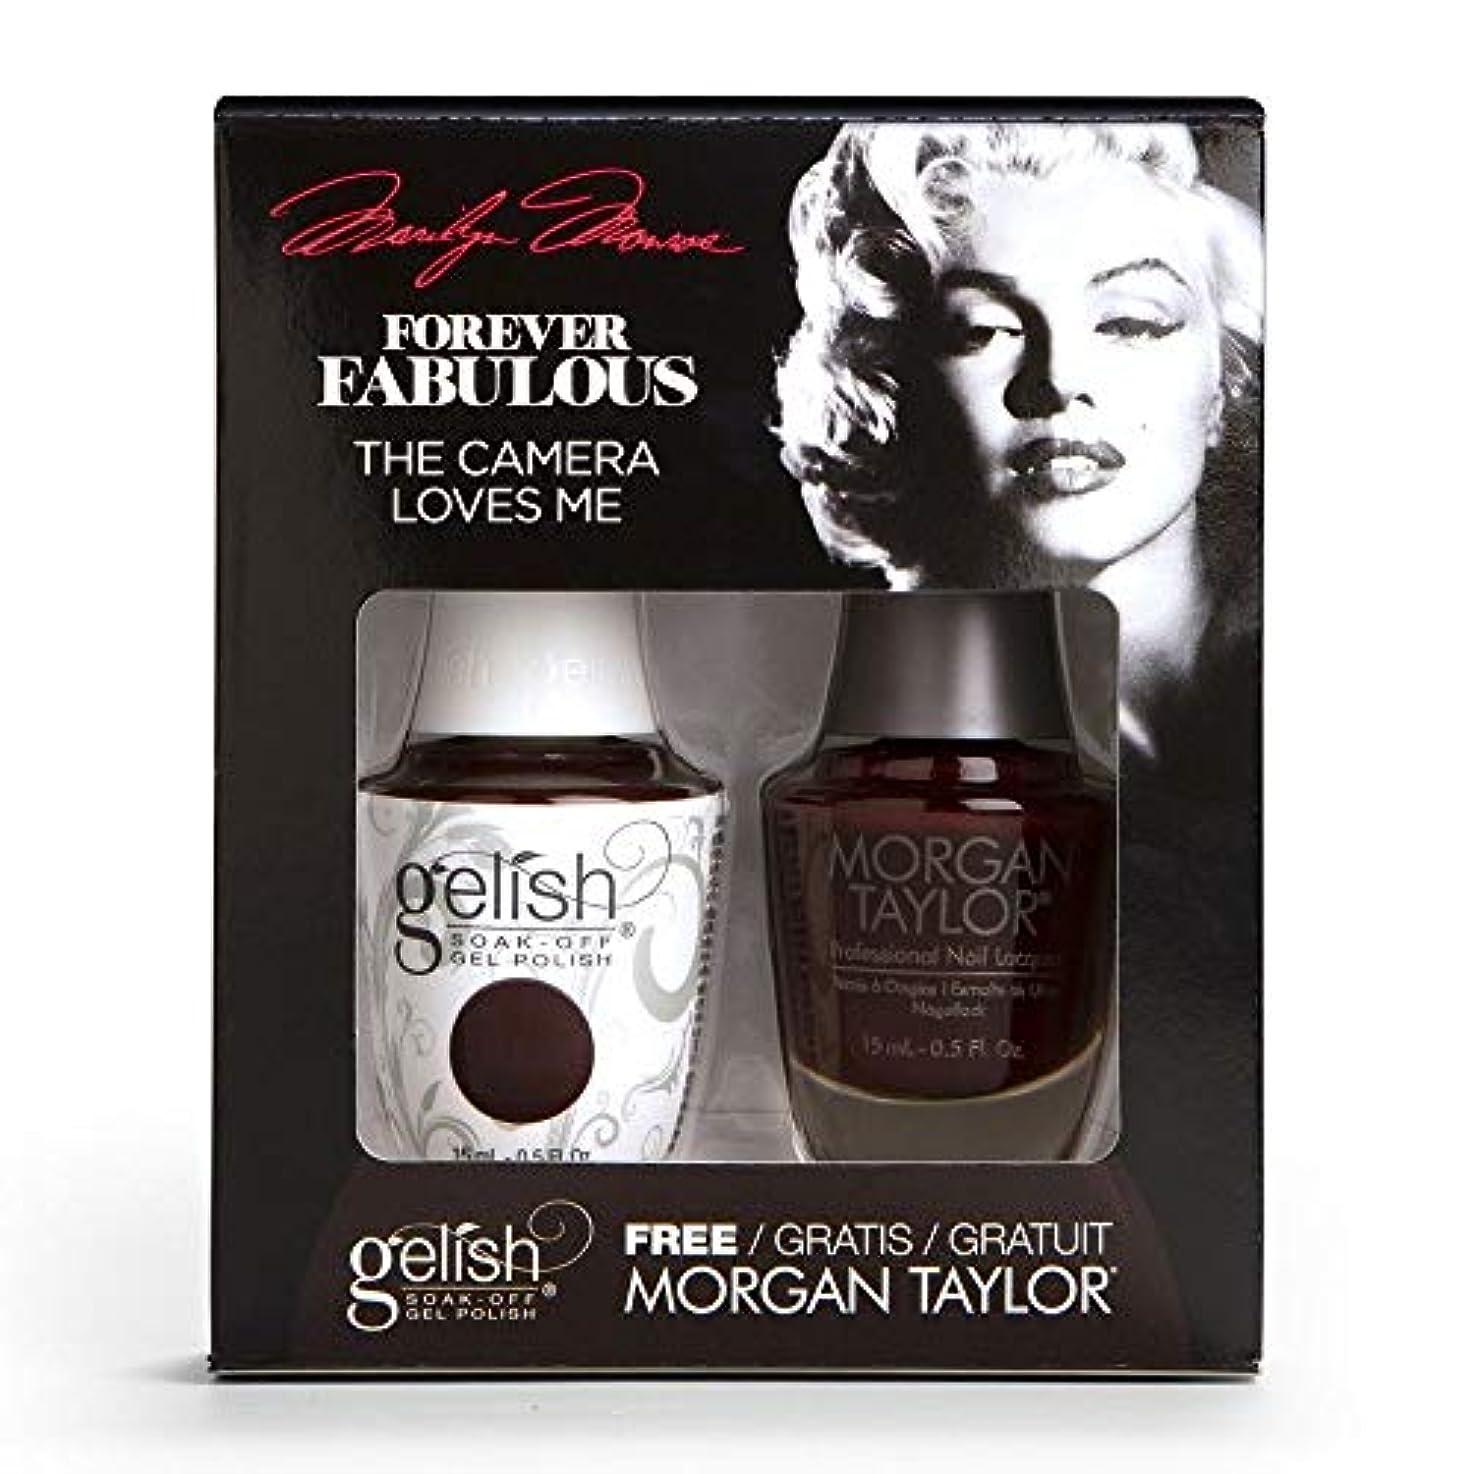 閉じ込める絶望的な刈るHarmony Gelish & Morgan Taylor - Two Of A Kind - Forever Fabulous Marilyn Monroe - The Camera Loves Me 15 mL /...